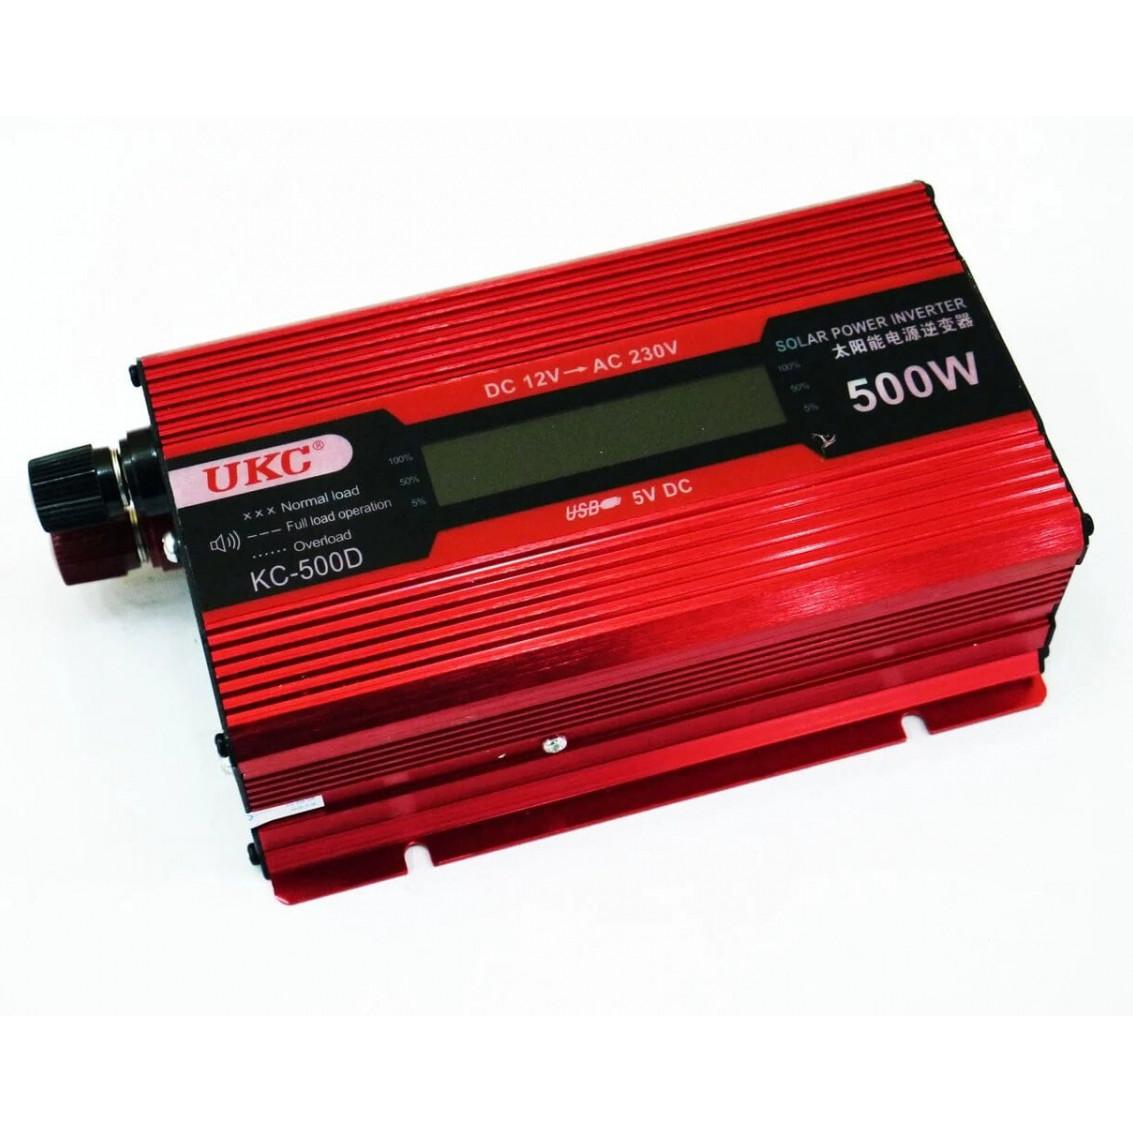 Преобразователь напряжения Ukc kc-500D 500W с Lcd дисплеем